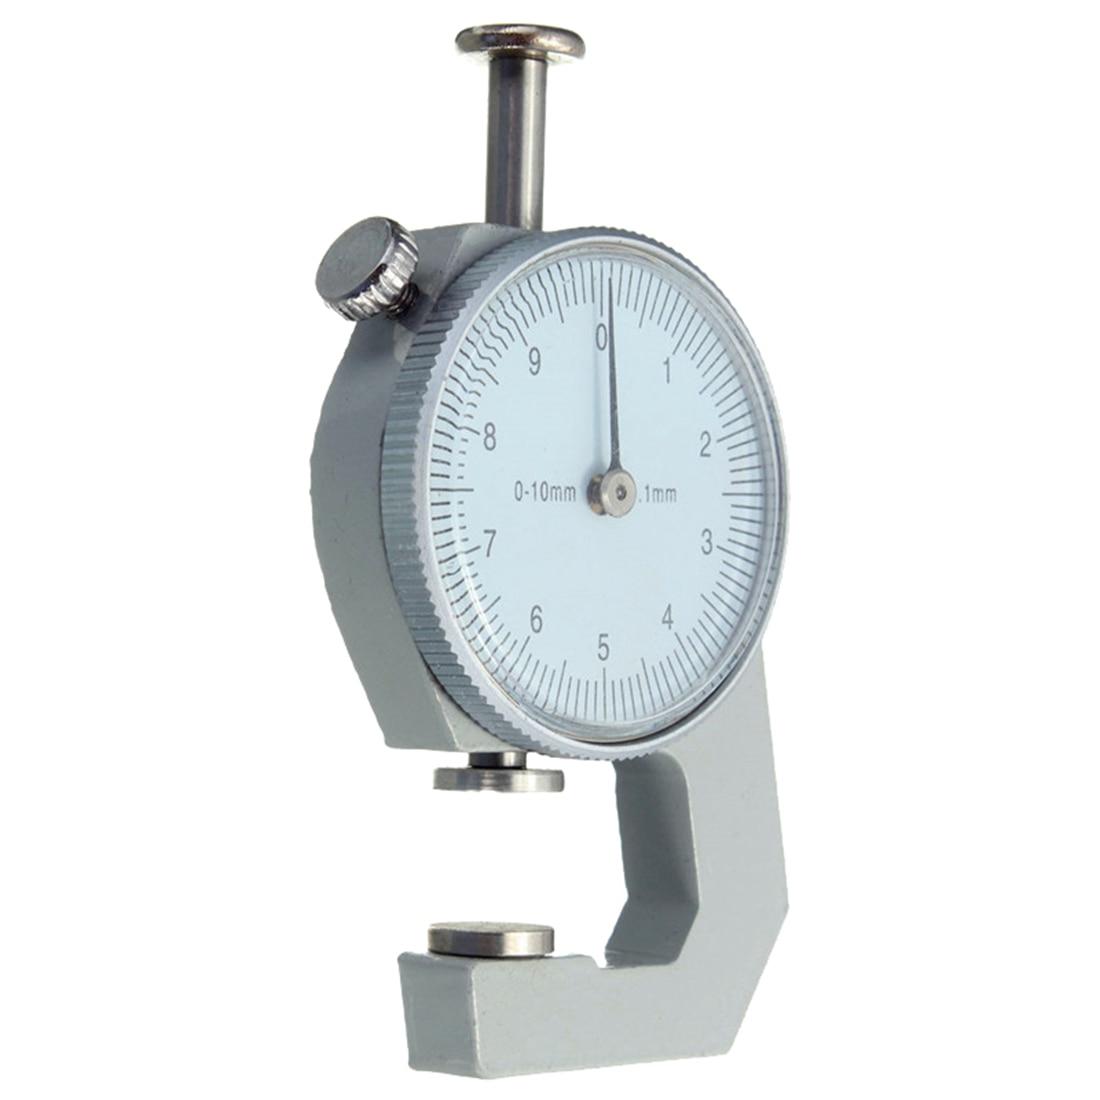 0-10 mm vastagságmérő teszter bőr kézműves bőrműves - Mérőműszerek - Fénykép 2